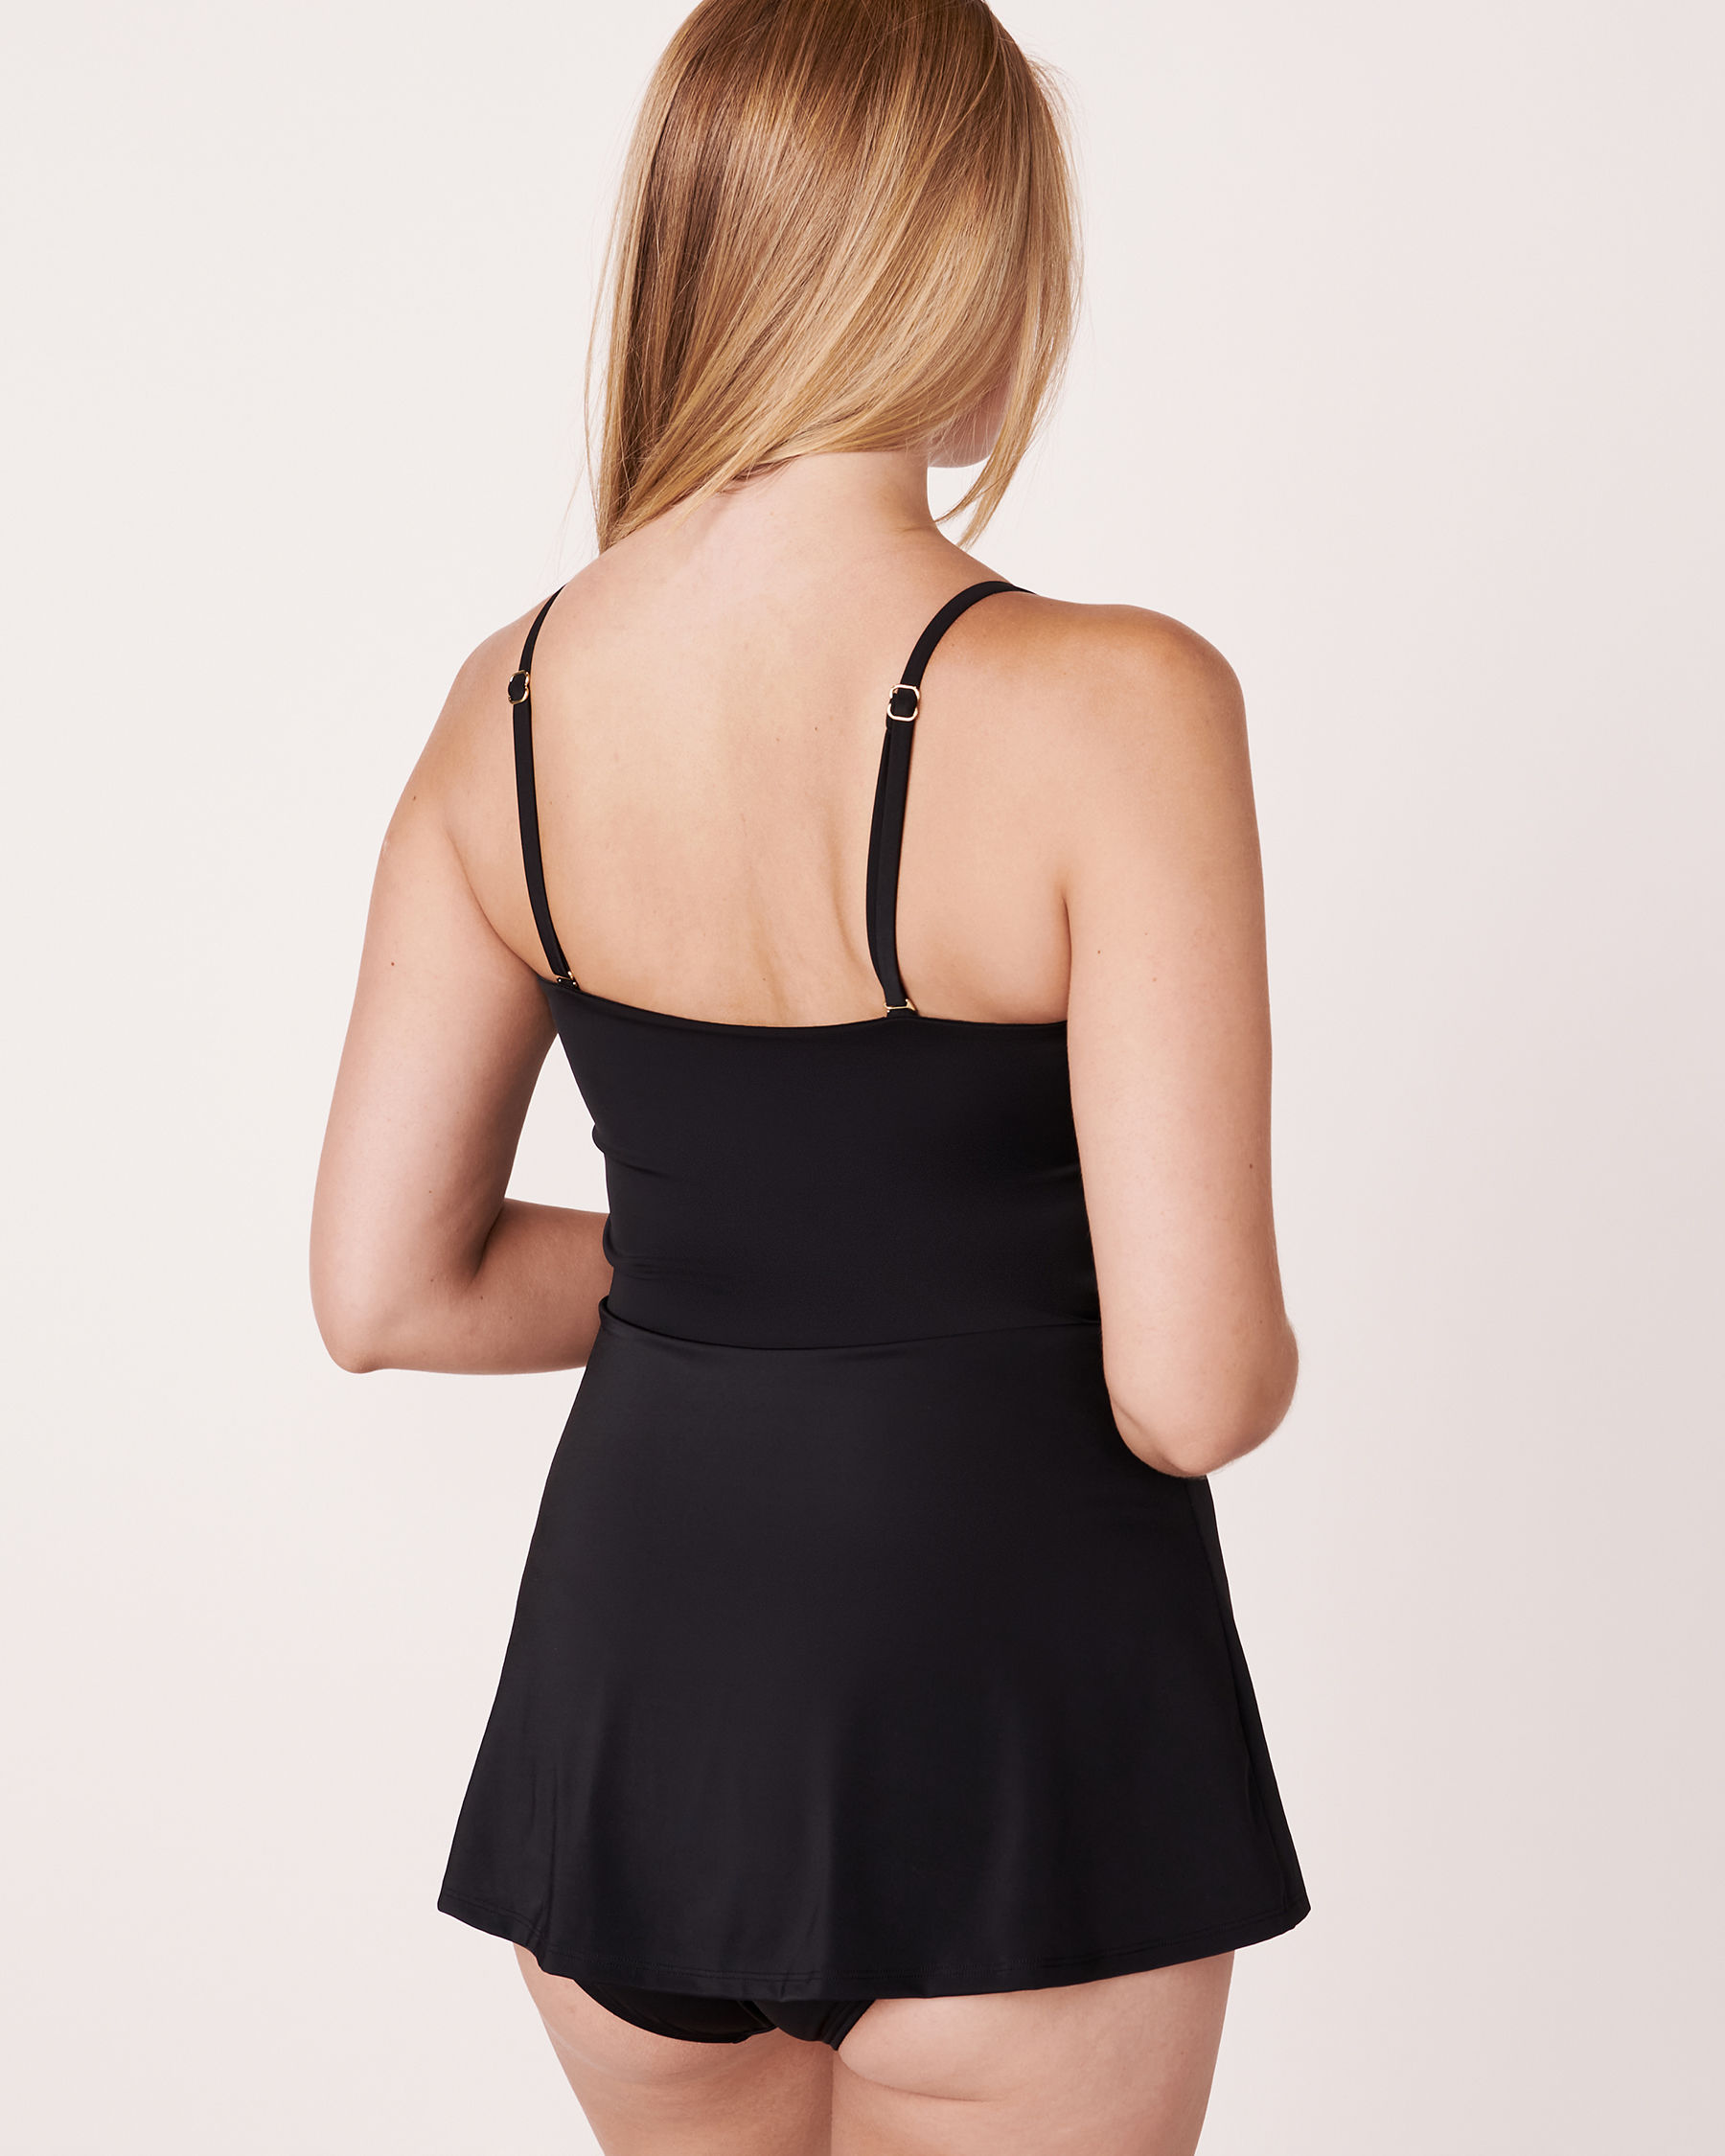 AQUAROSE Maillot une-pièce façon robe Noir 552-632-1-0P - Voir6